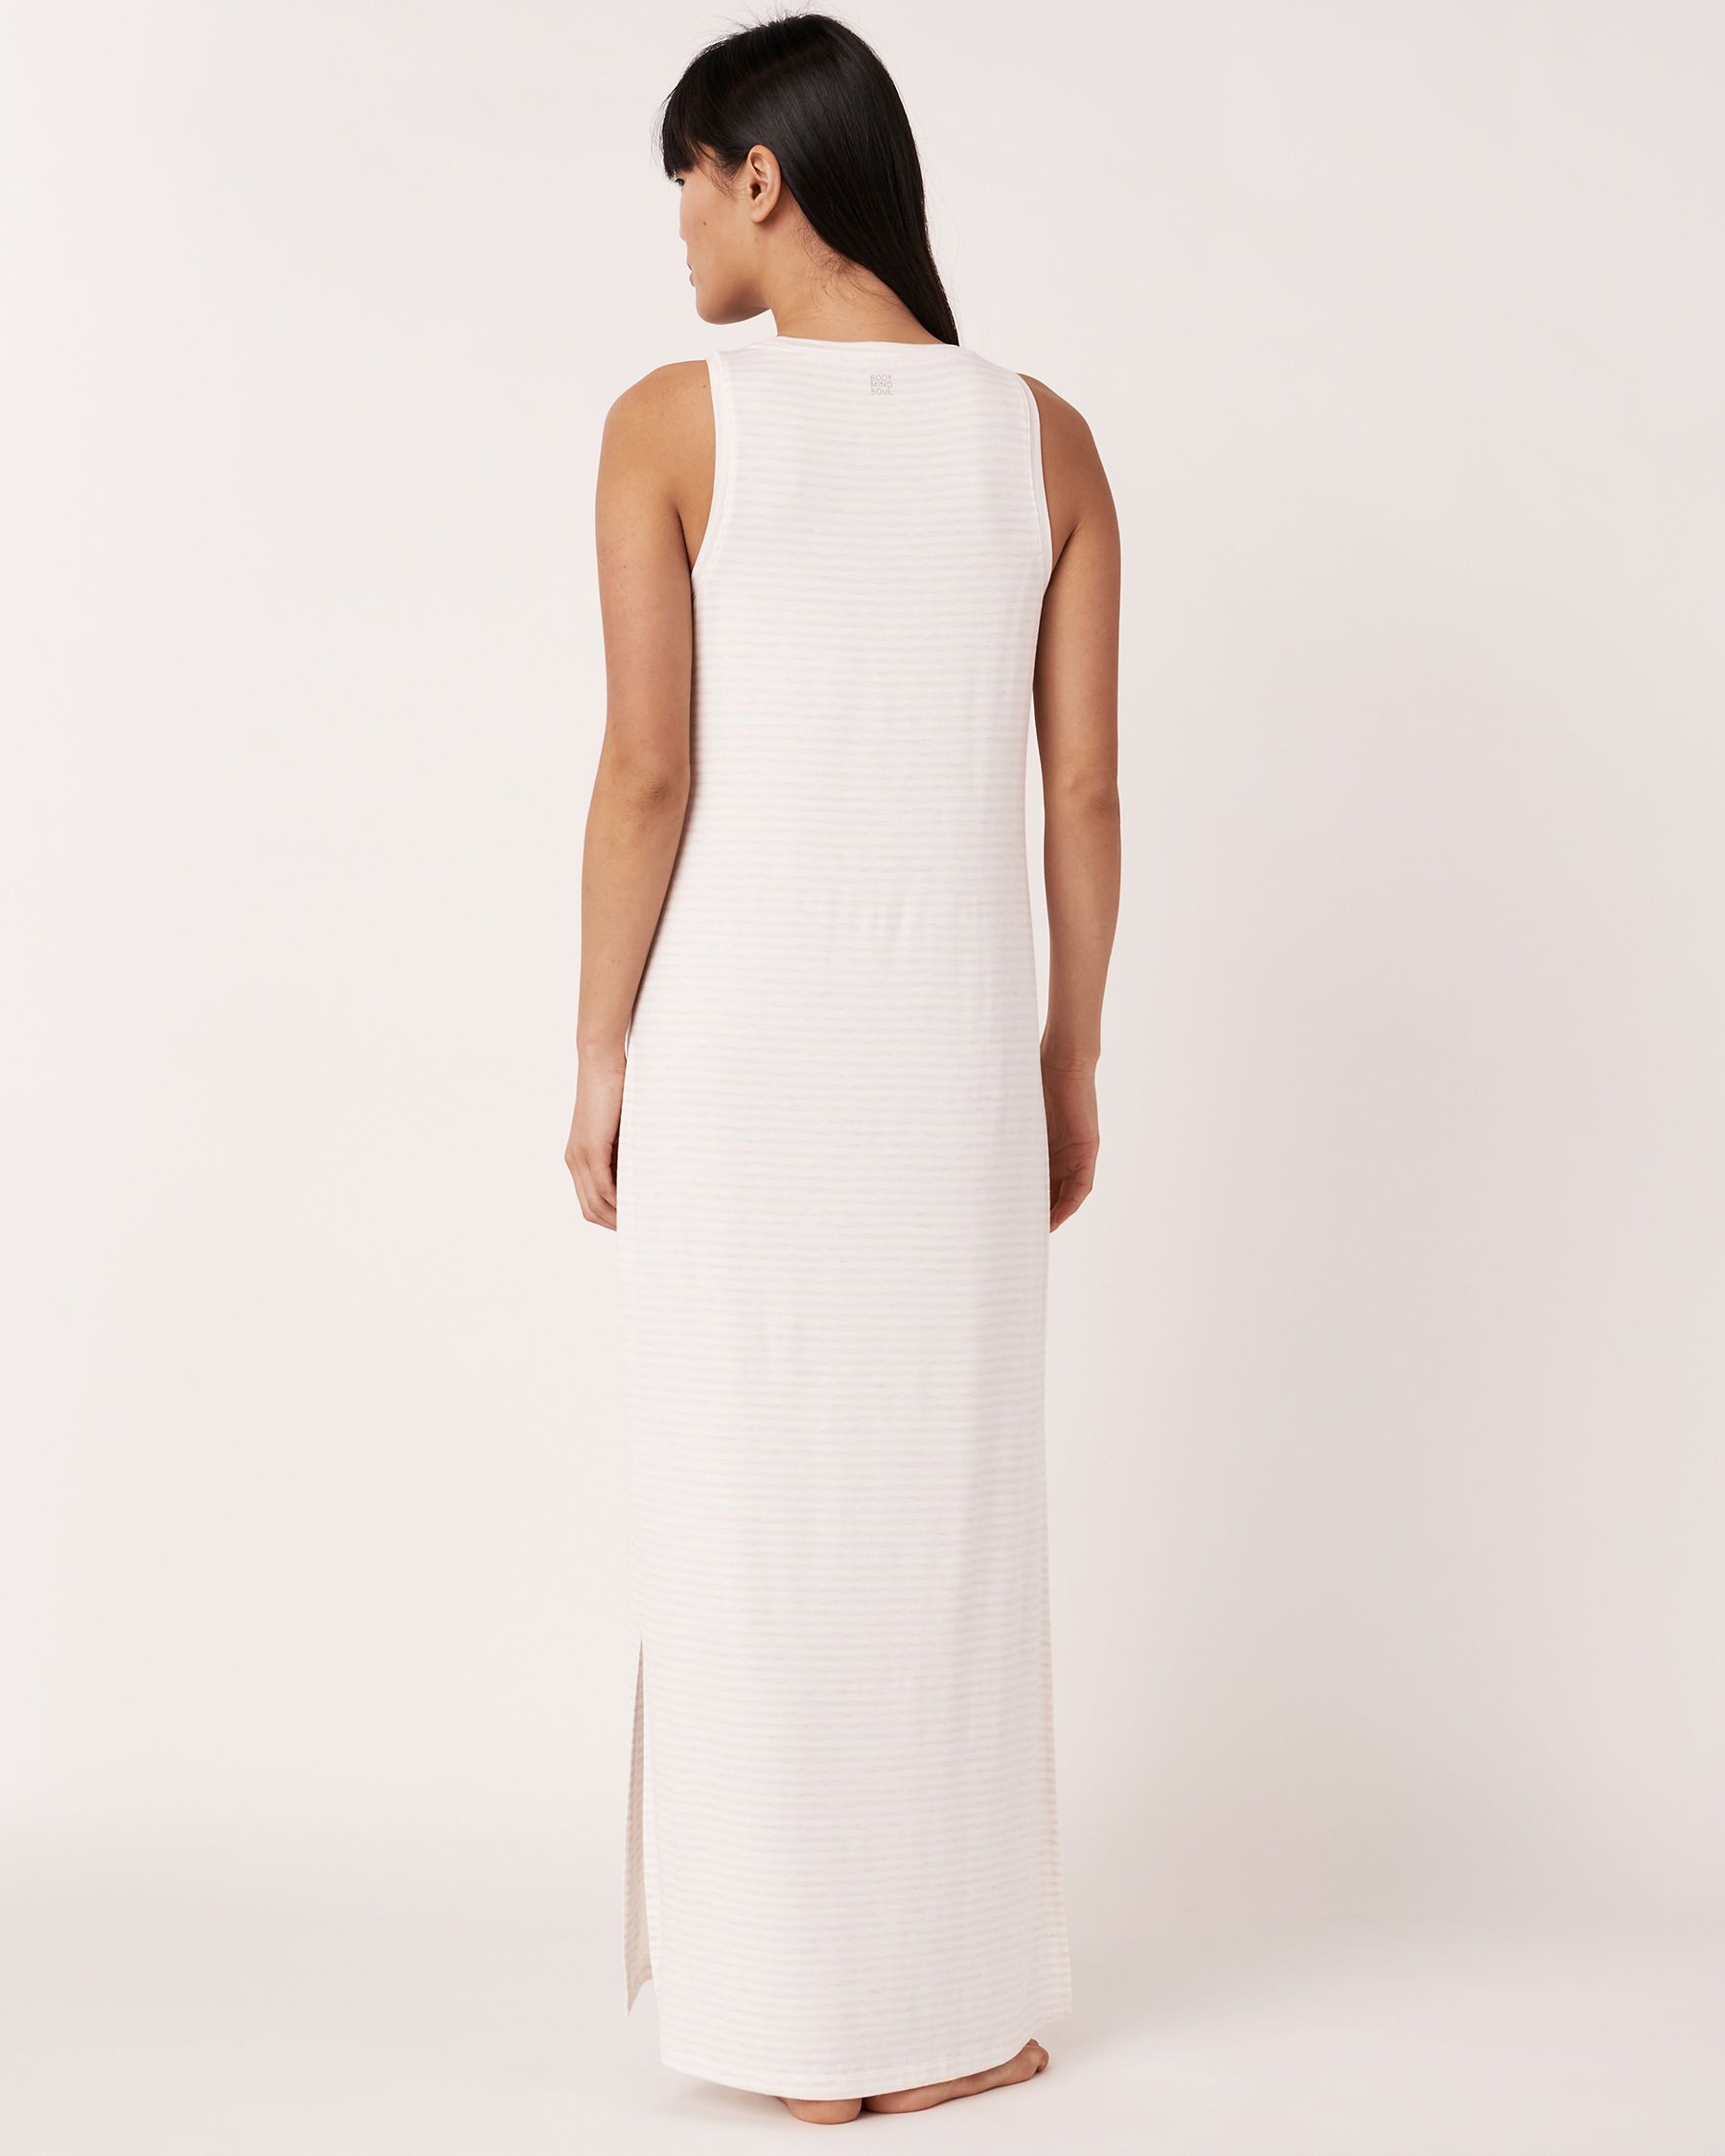 LA VIE EN ROSE Sleeveless Maxi Dress Grey and white stripes 50400001 - View4